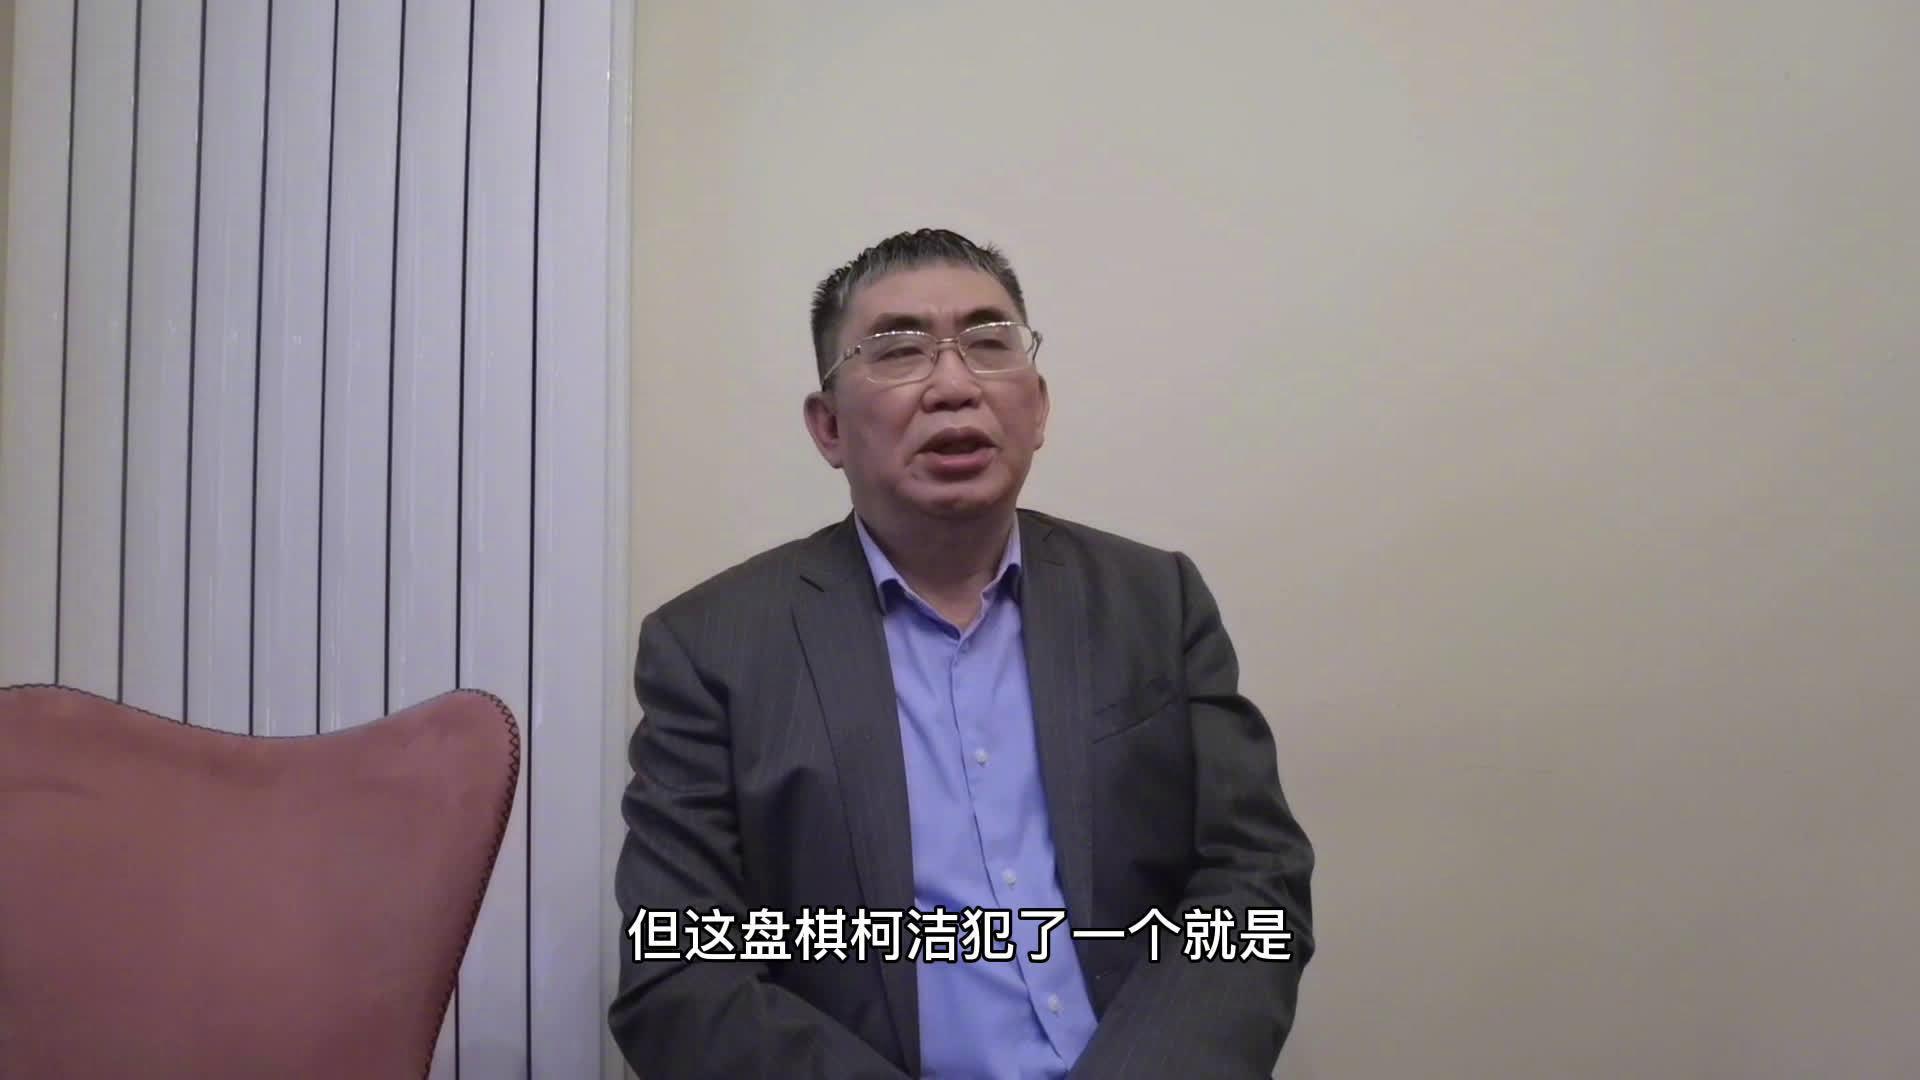 视频-聂卫平:柯洁犯了不应该的错误 对他是个教训